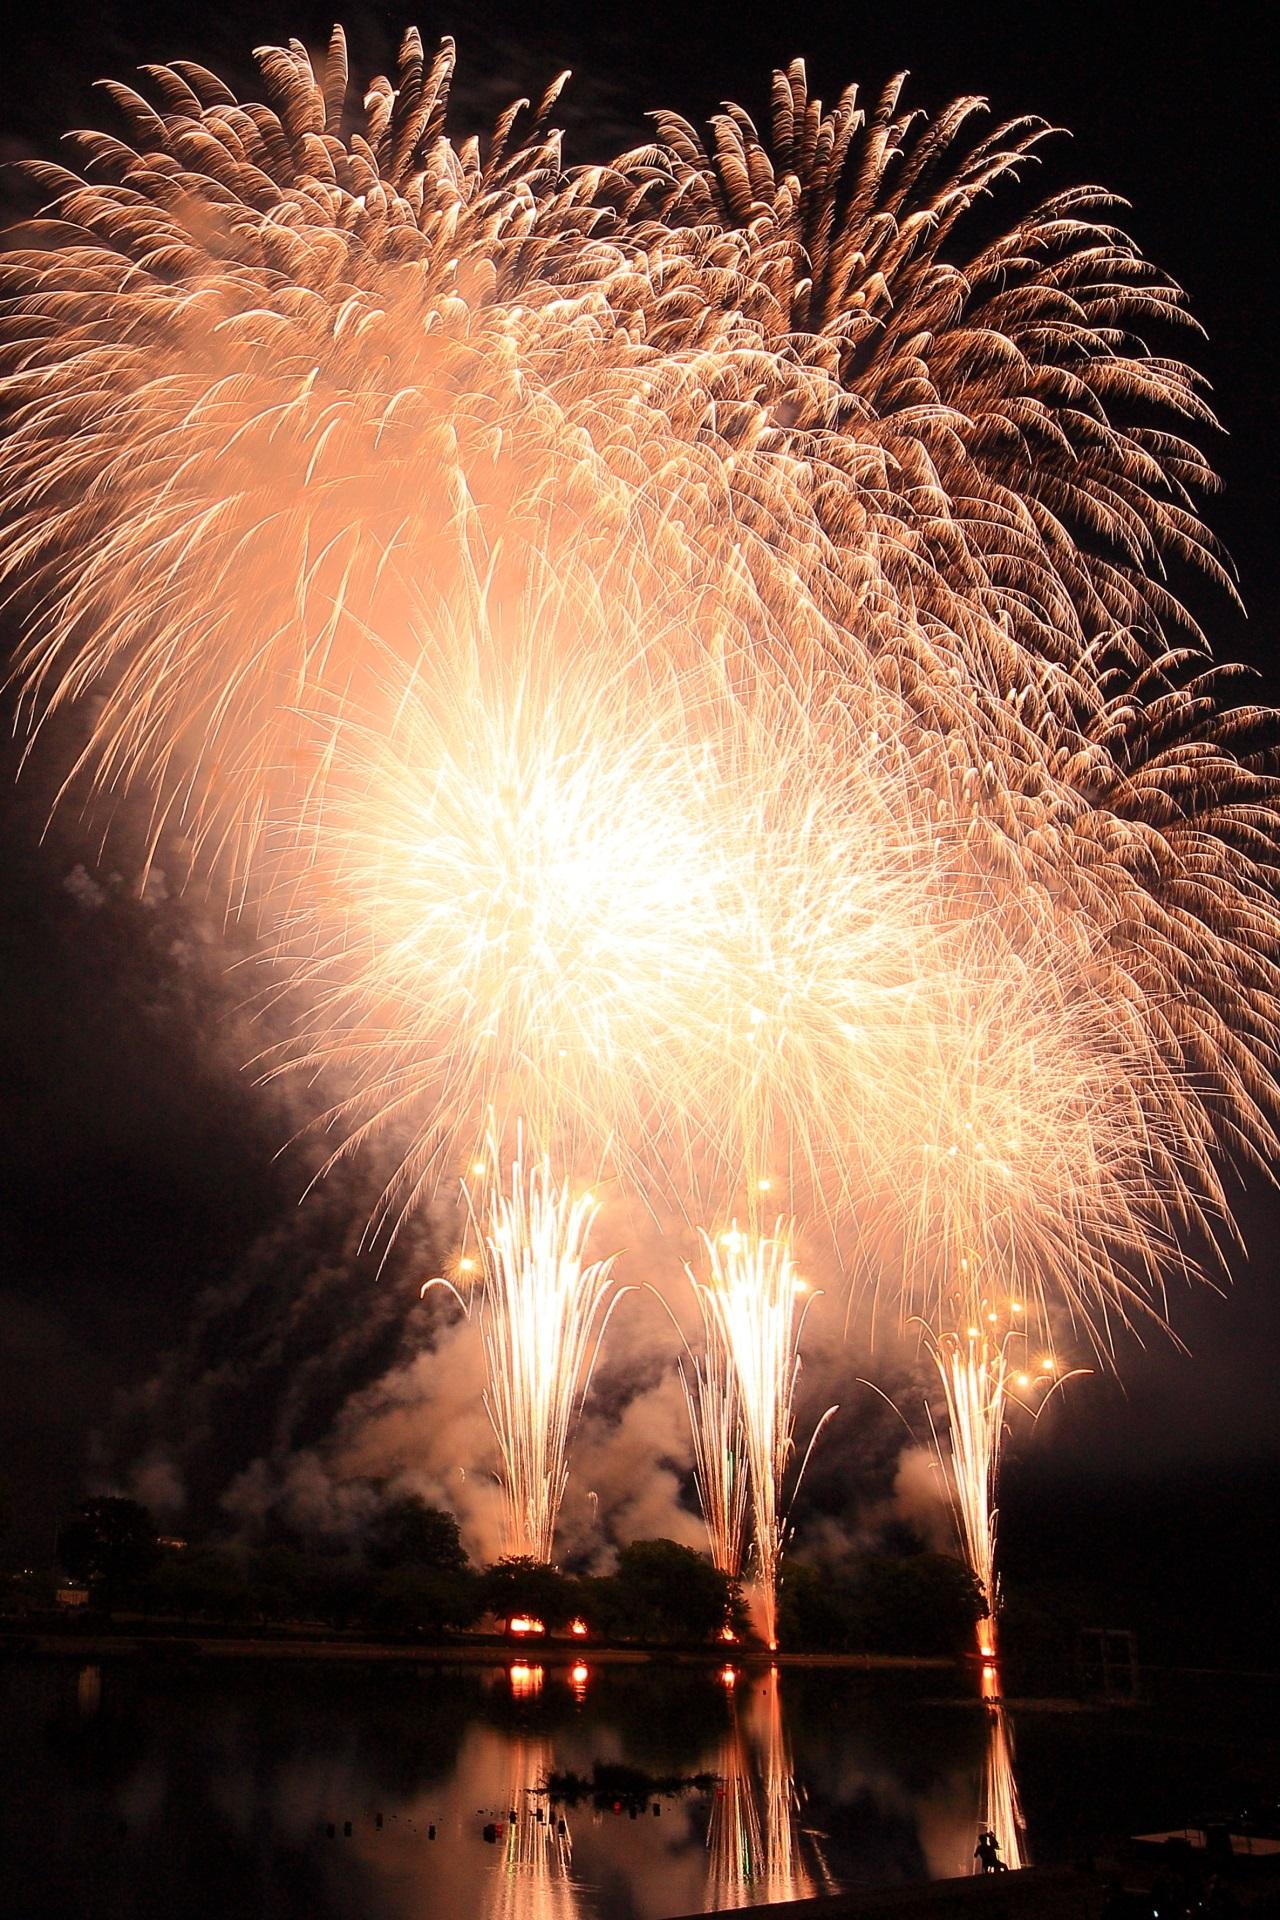 南丹市花火大会の素晴らしい多彩な花火